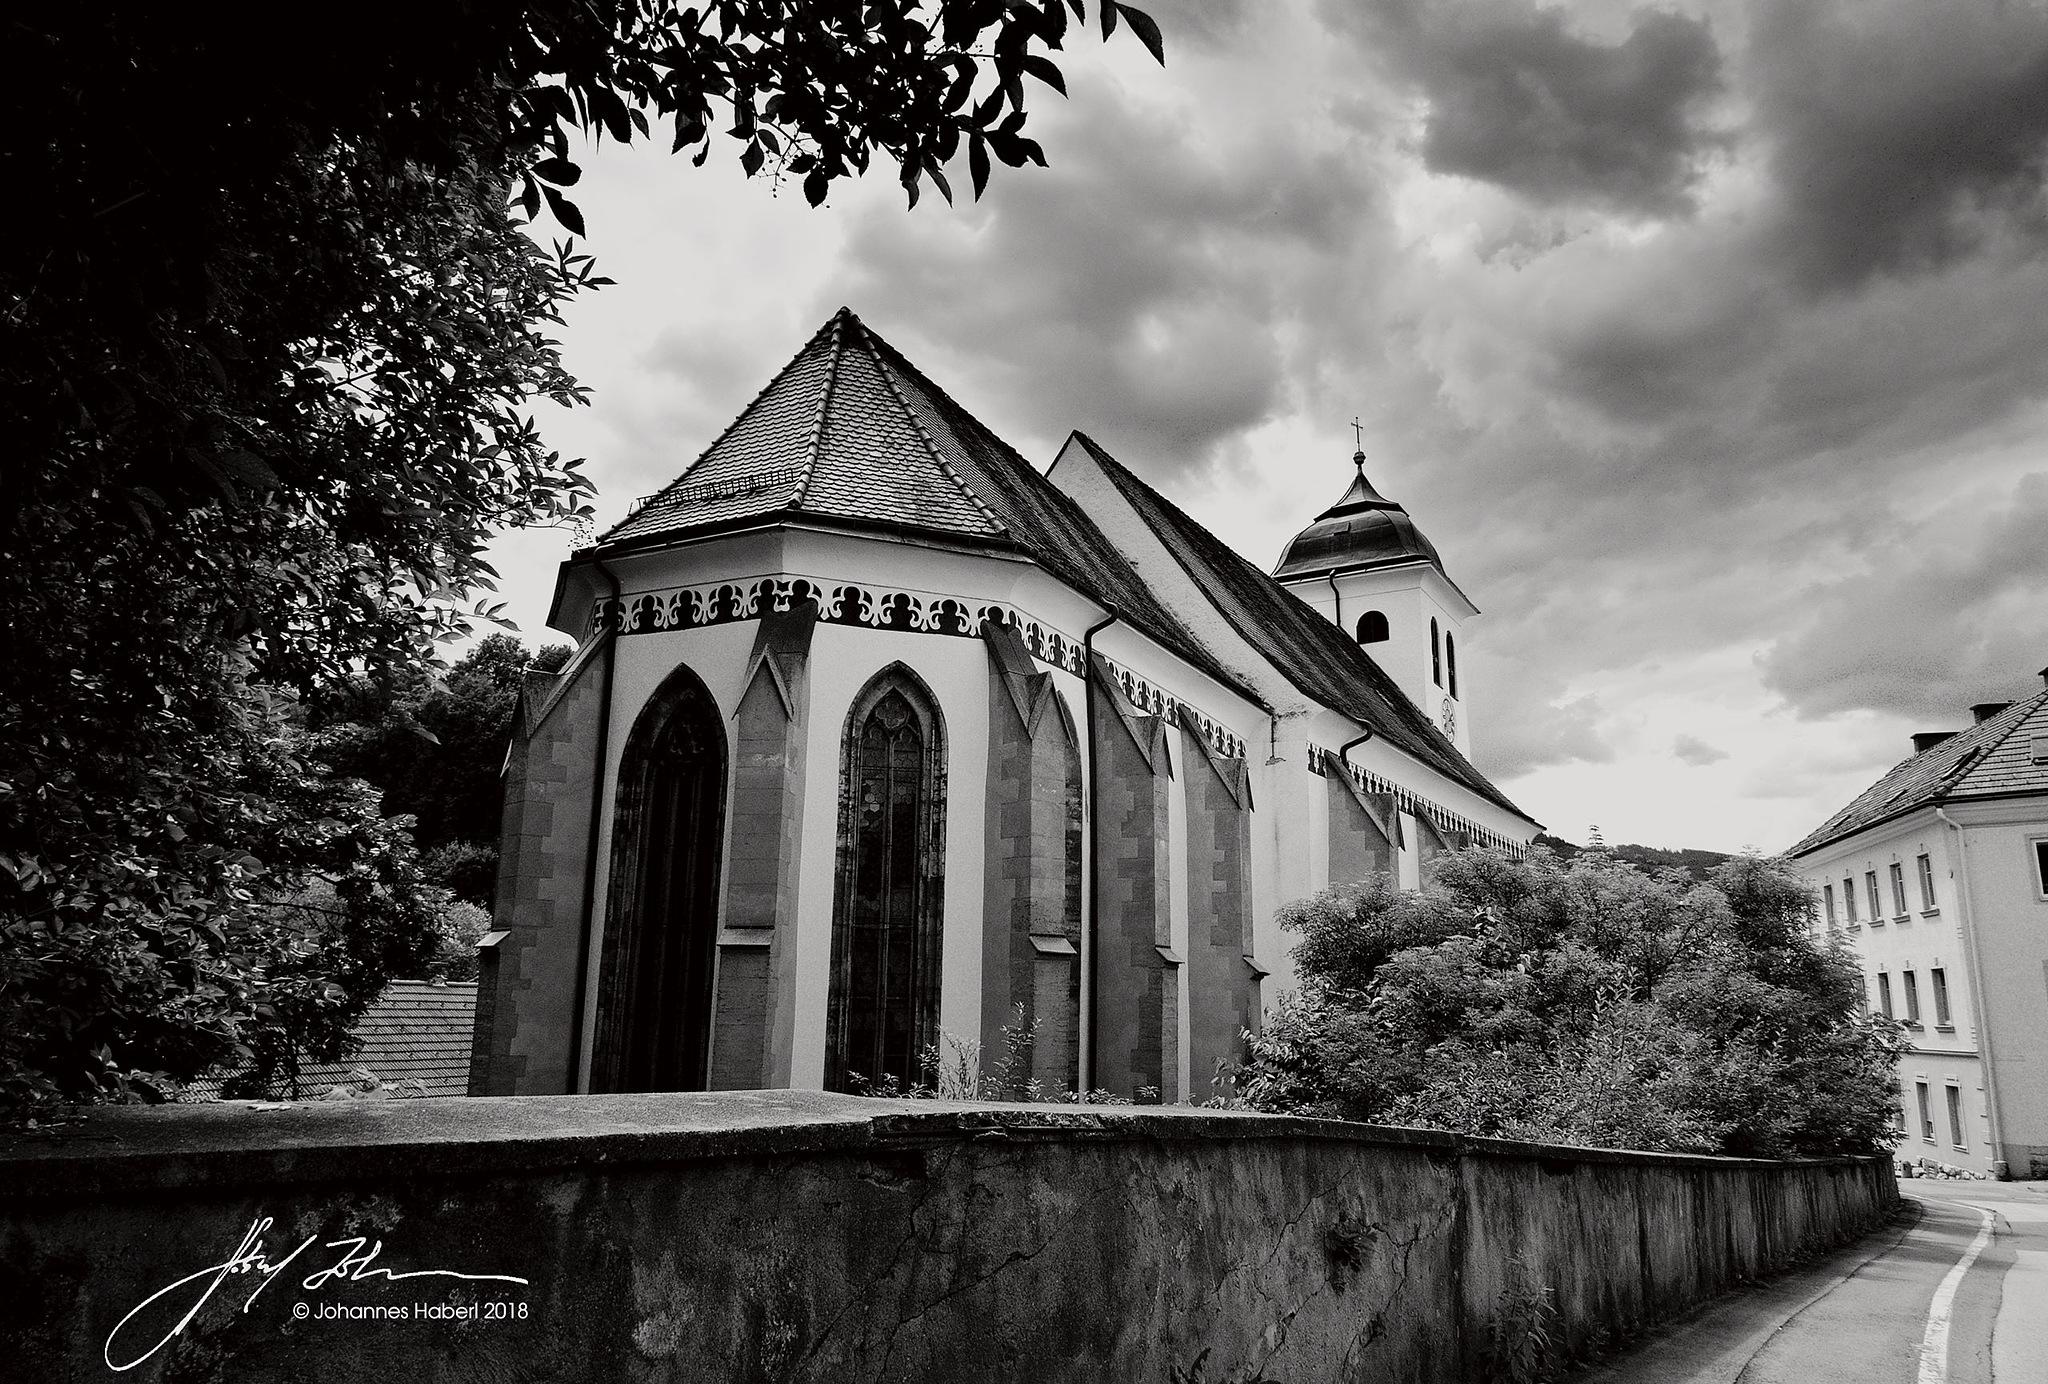 church 2 / B&W by Johannes Haberl